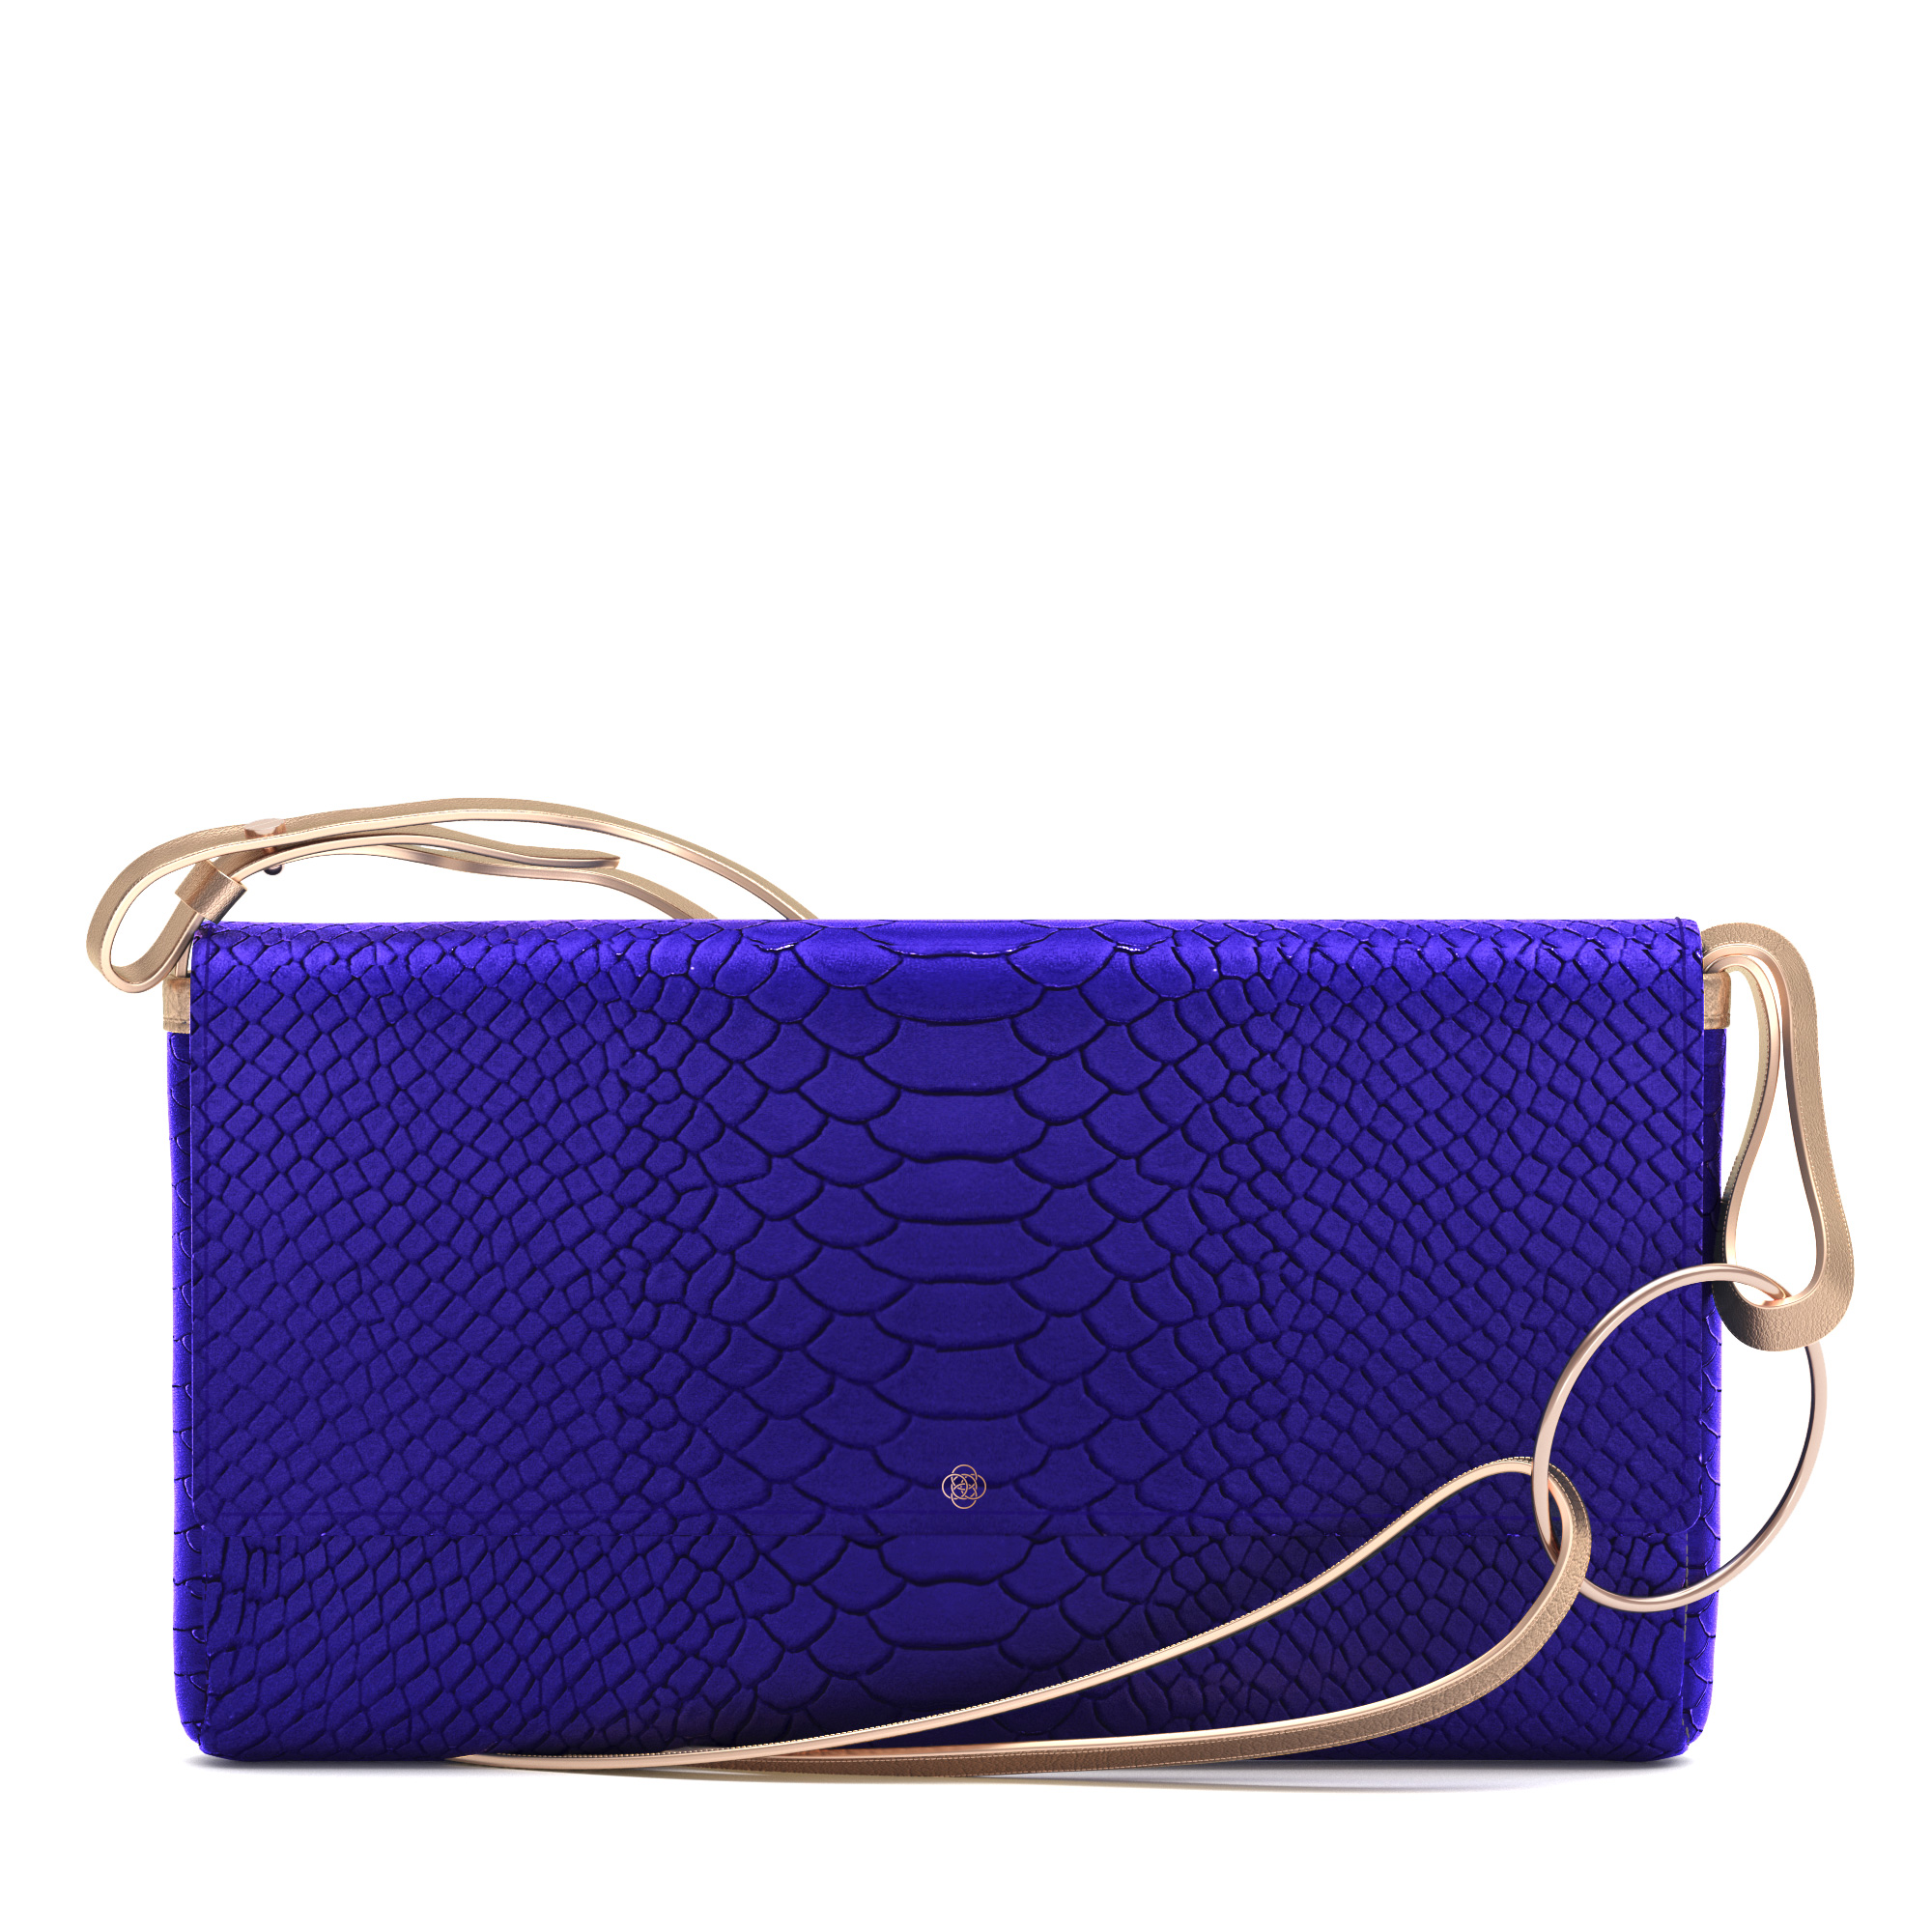 Le sac à main : un accessoire révélateur de la femme